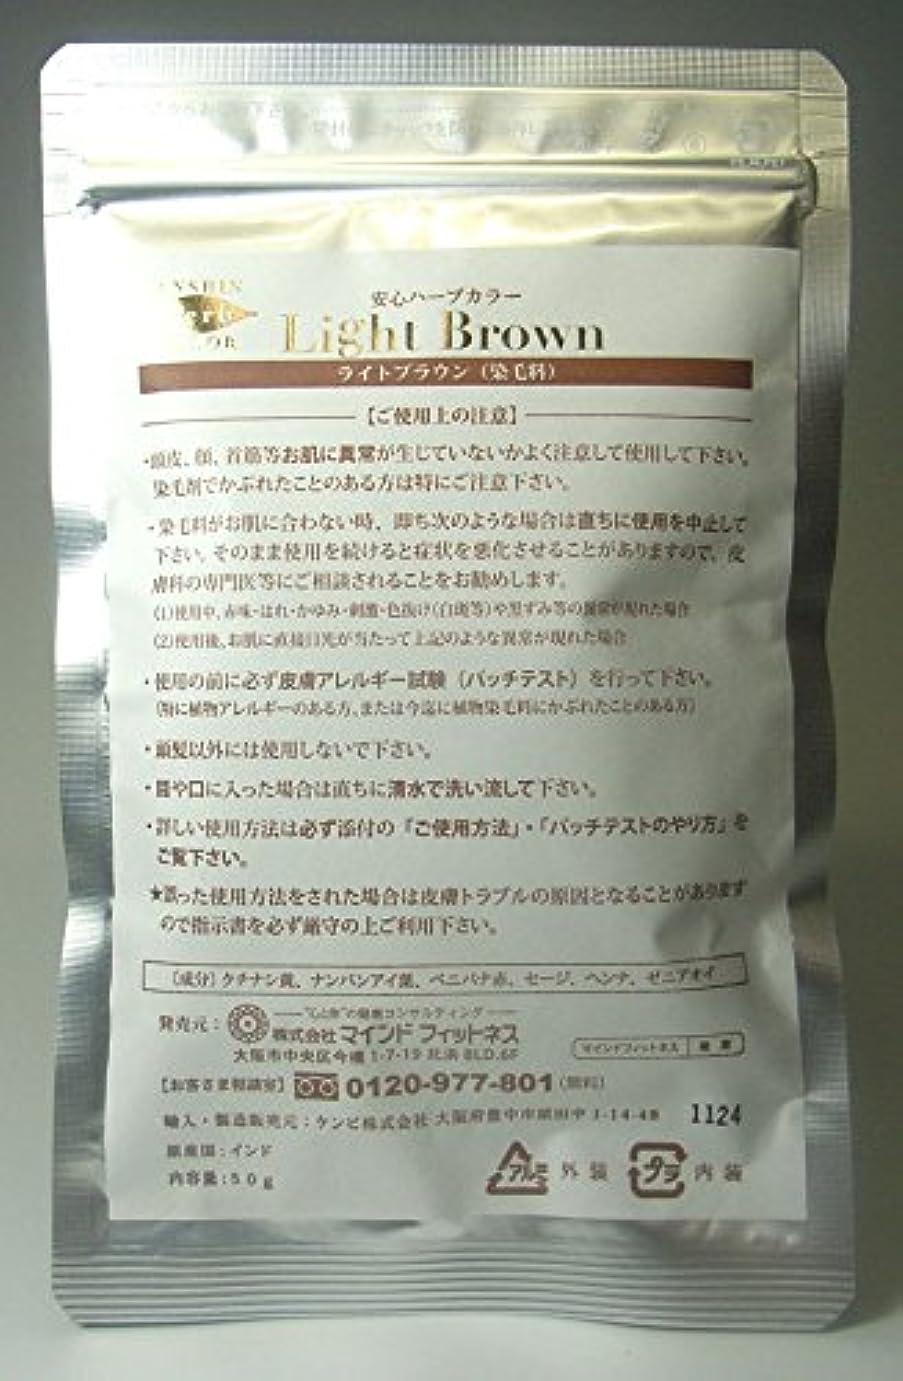 リフトアラブサラボ事故安心ハーブカラー?ライトブラウン(メーカー公式)/【東京ビッグサイトでのダイエット&ビューティーフェア2019出展により9月7日から11日まで受注のみ。出荷開始は12日木曜日となります。】